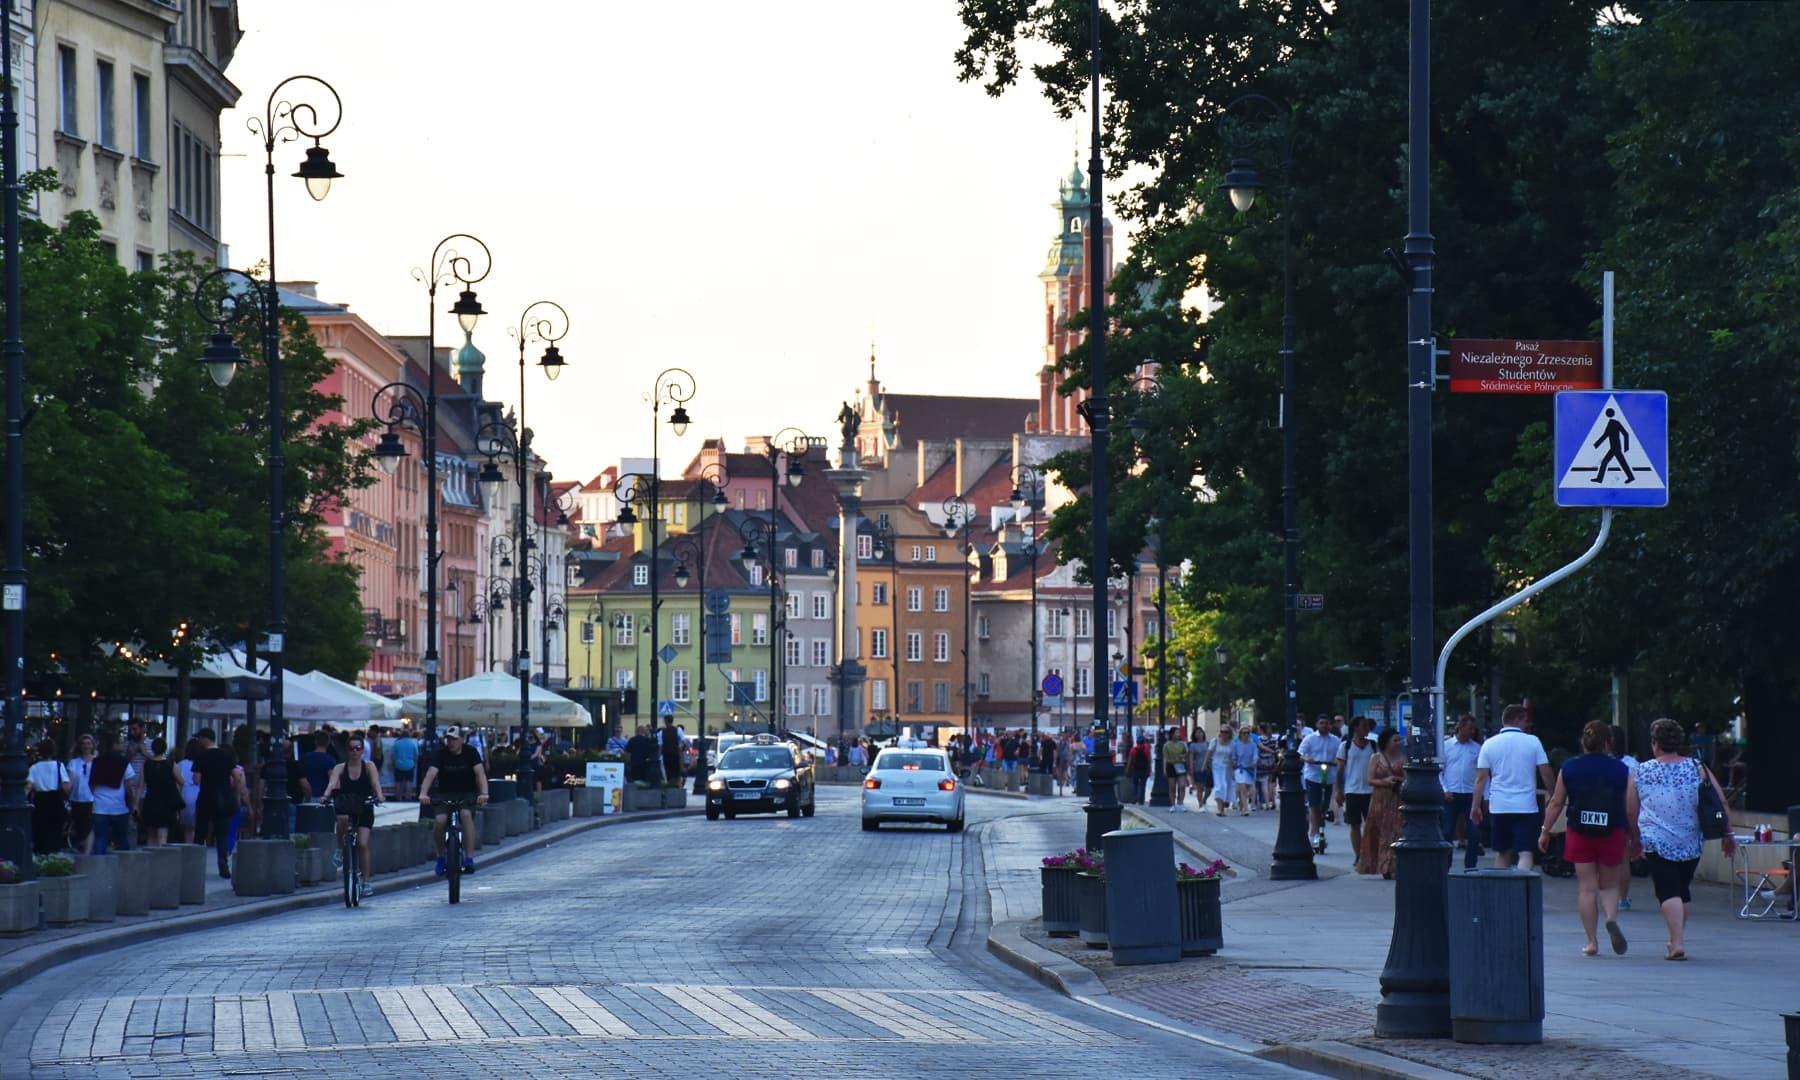 یورپ کے سارے شہر کیا ایک ہی مستری نے بنائے ہیں؟